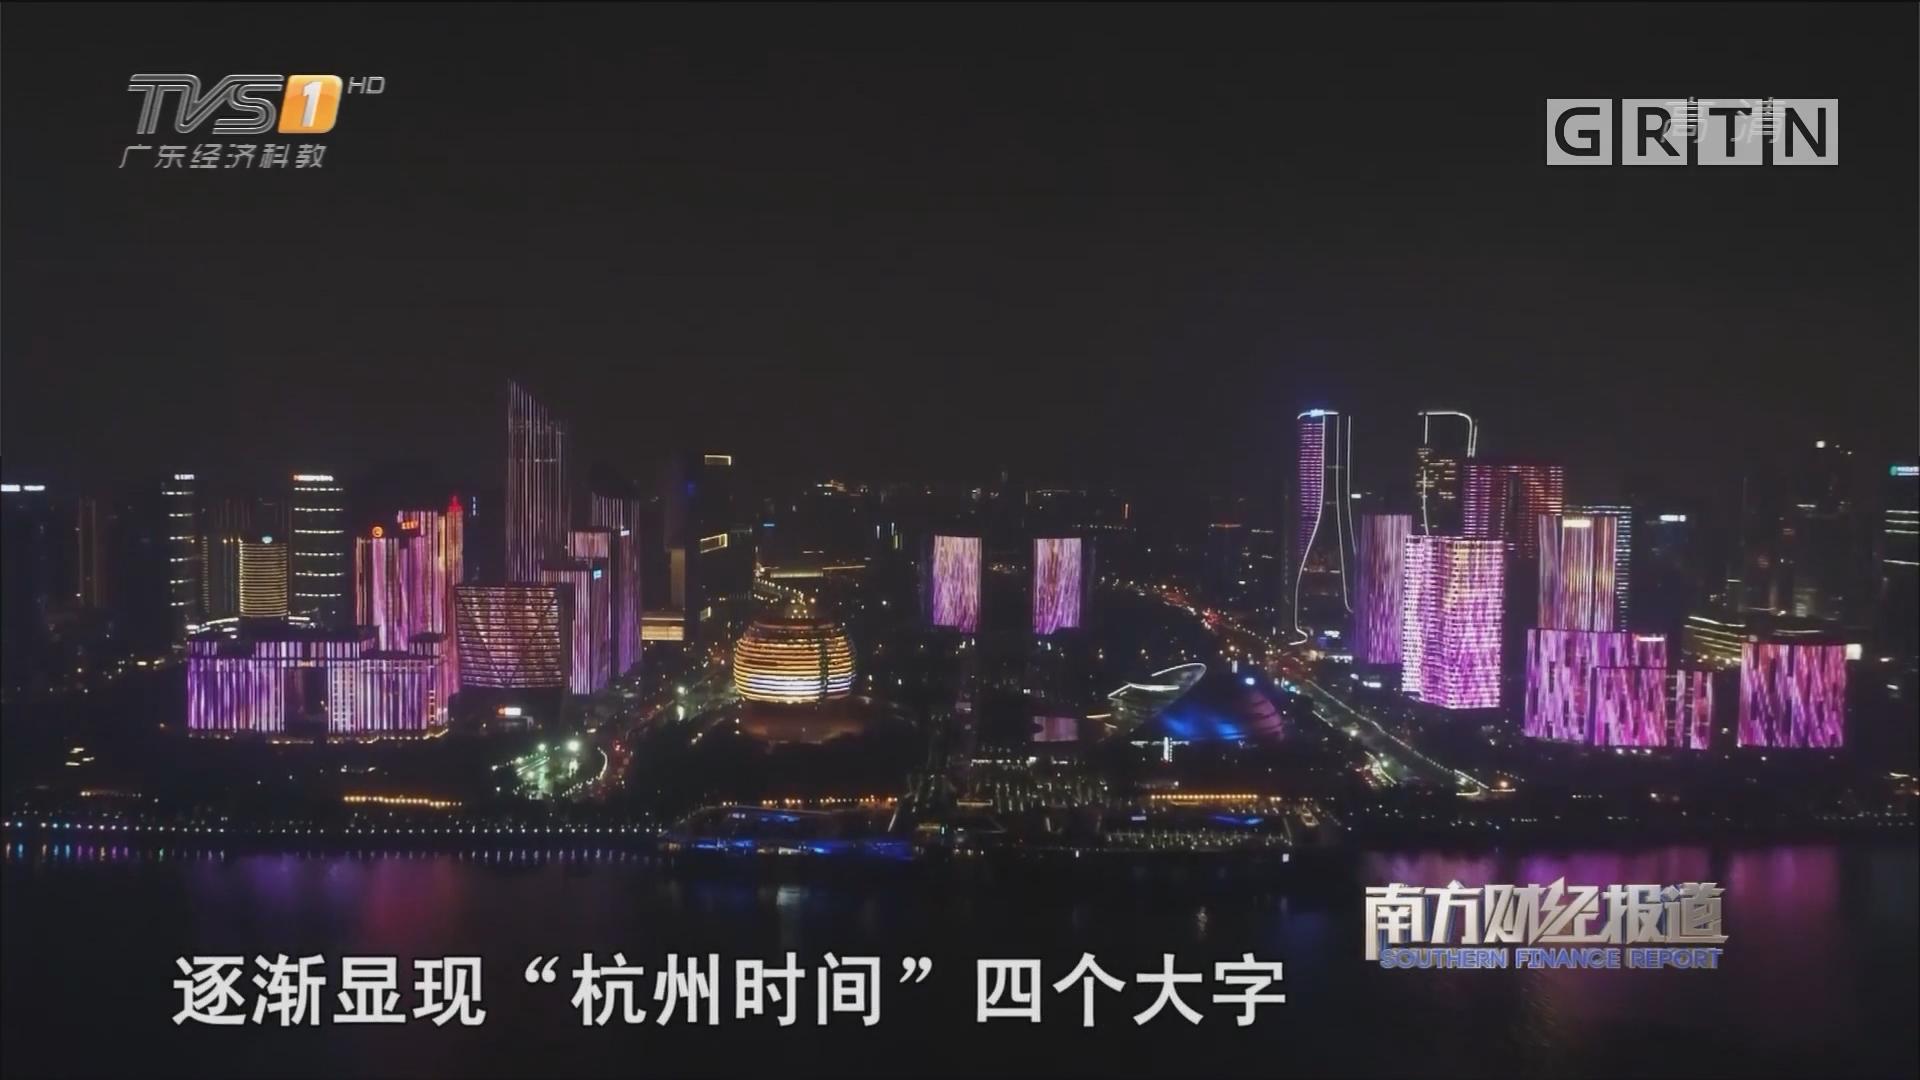 """亚运主题灯光秀闪耀杭州 亚运会进入""""杭州时间"""""""